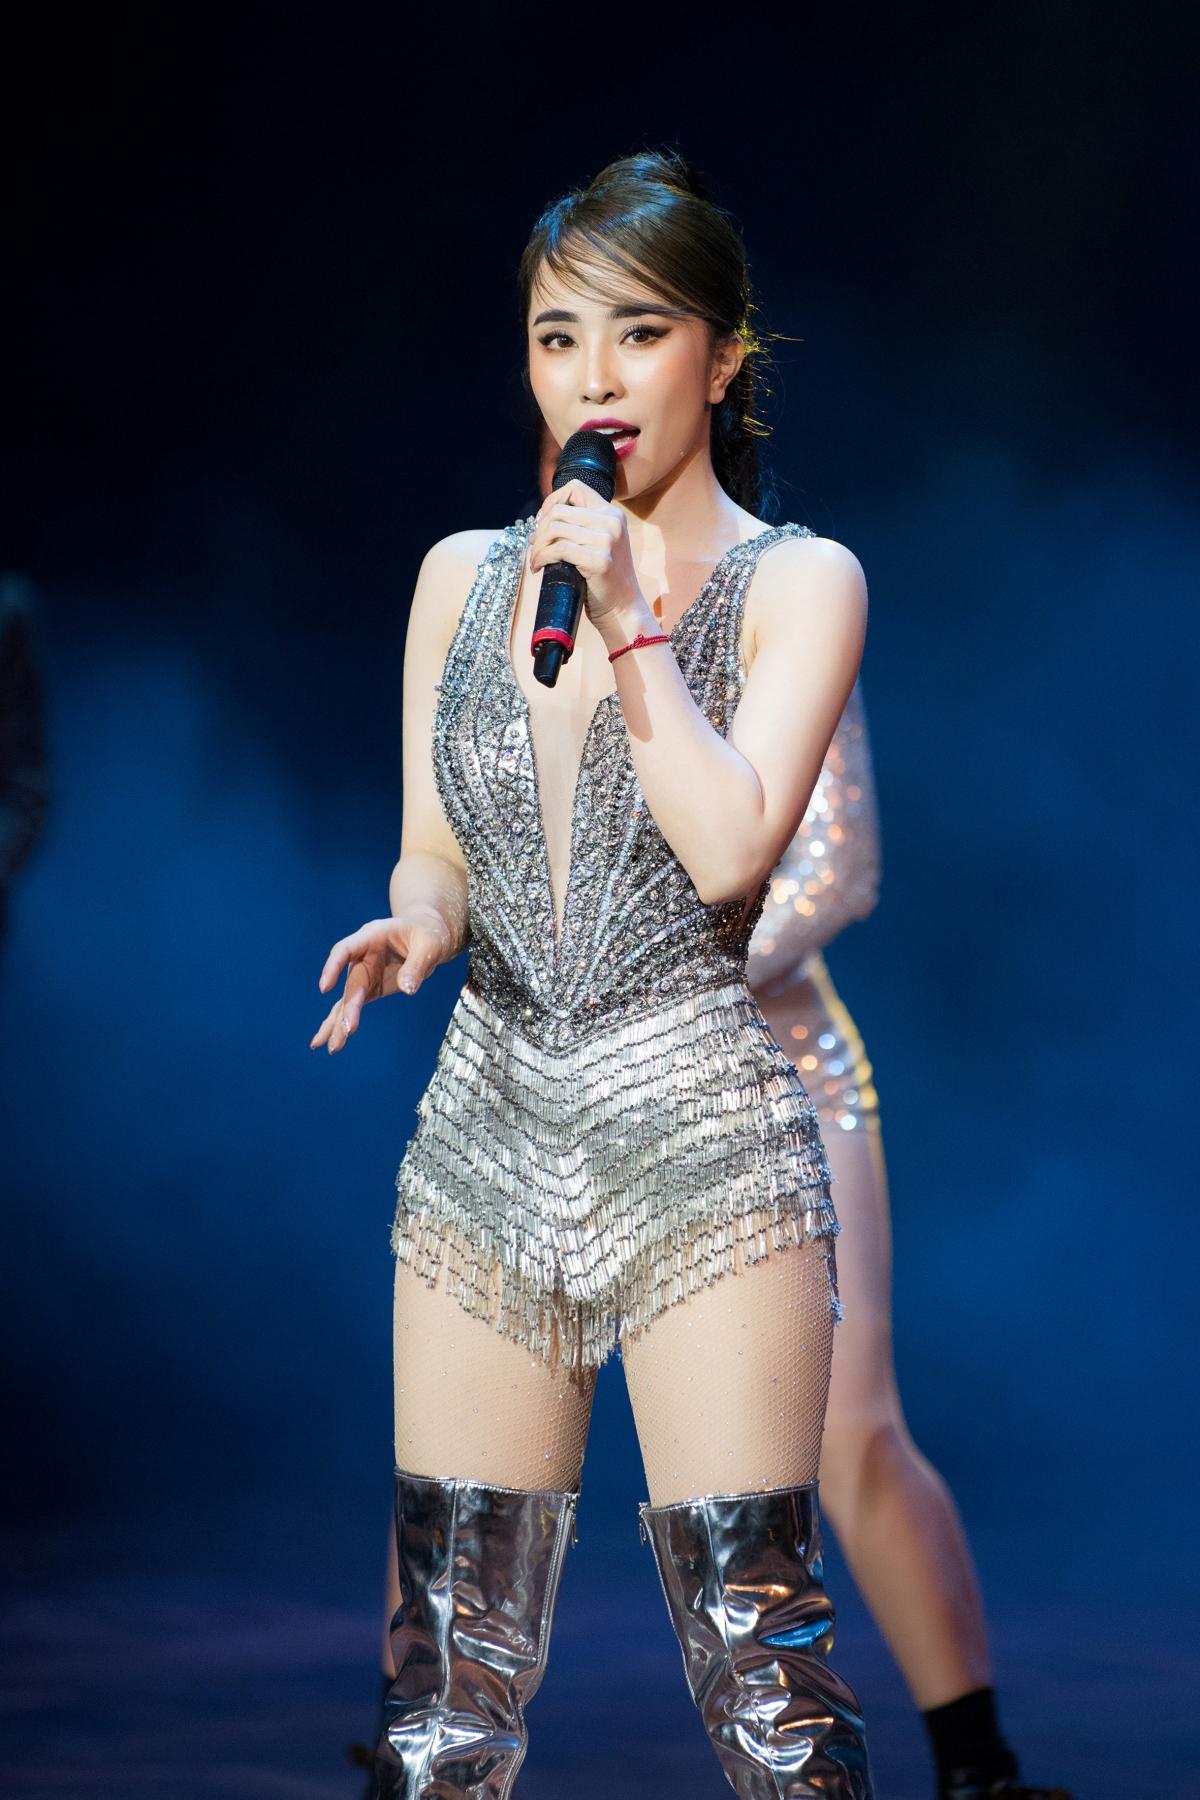 Cô đảm nhận phần diễn mở màn cho chương trình diễn ra tối 20/1 tại Hà Nội.